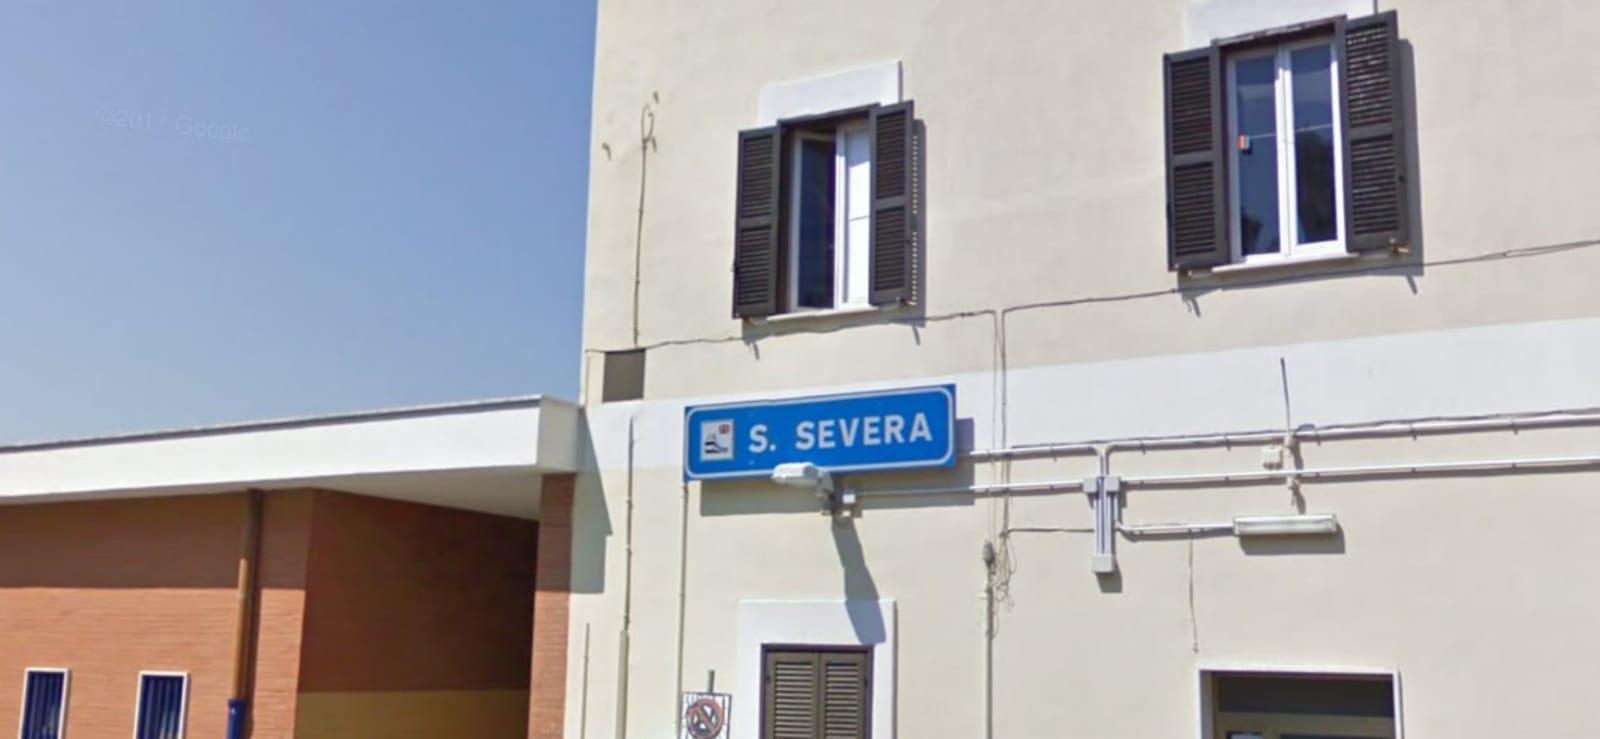 Treni fermi: investimento a Santa Severa